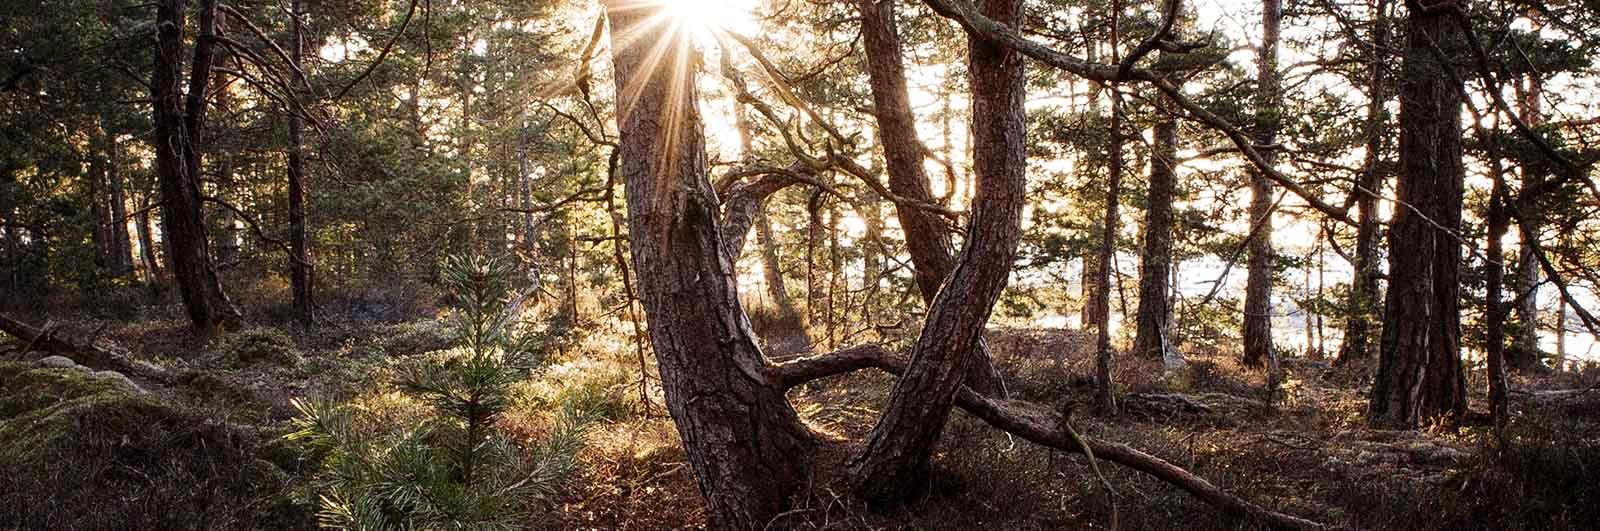 Solljus genom skogen på signaturled Värmland